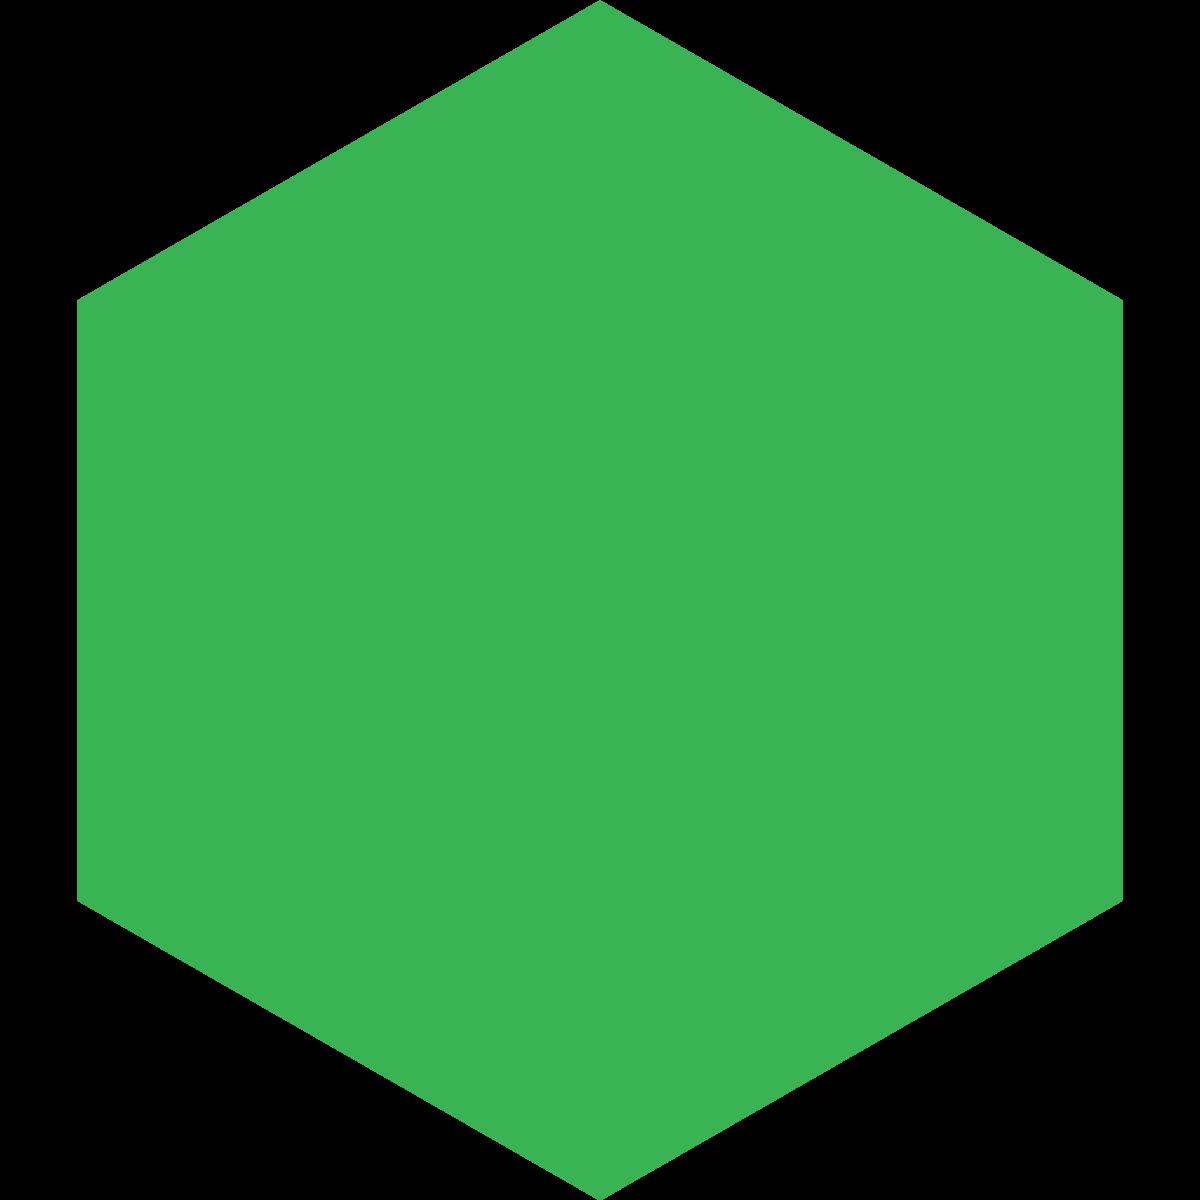 1200x1200 Hexagon Clipart Green